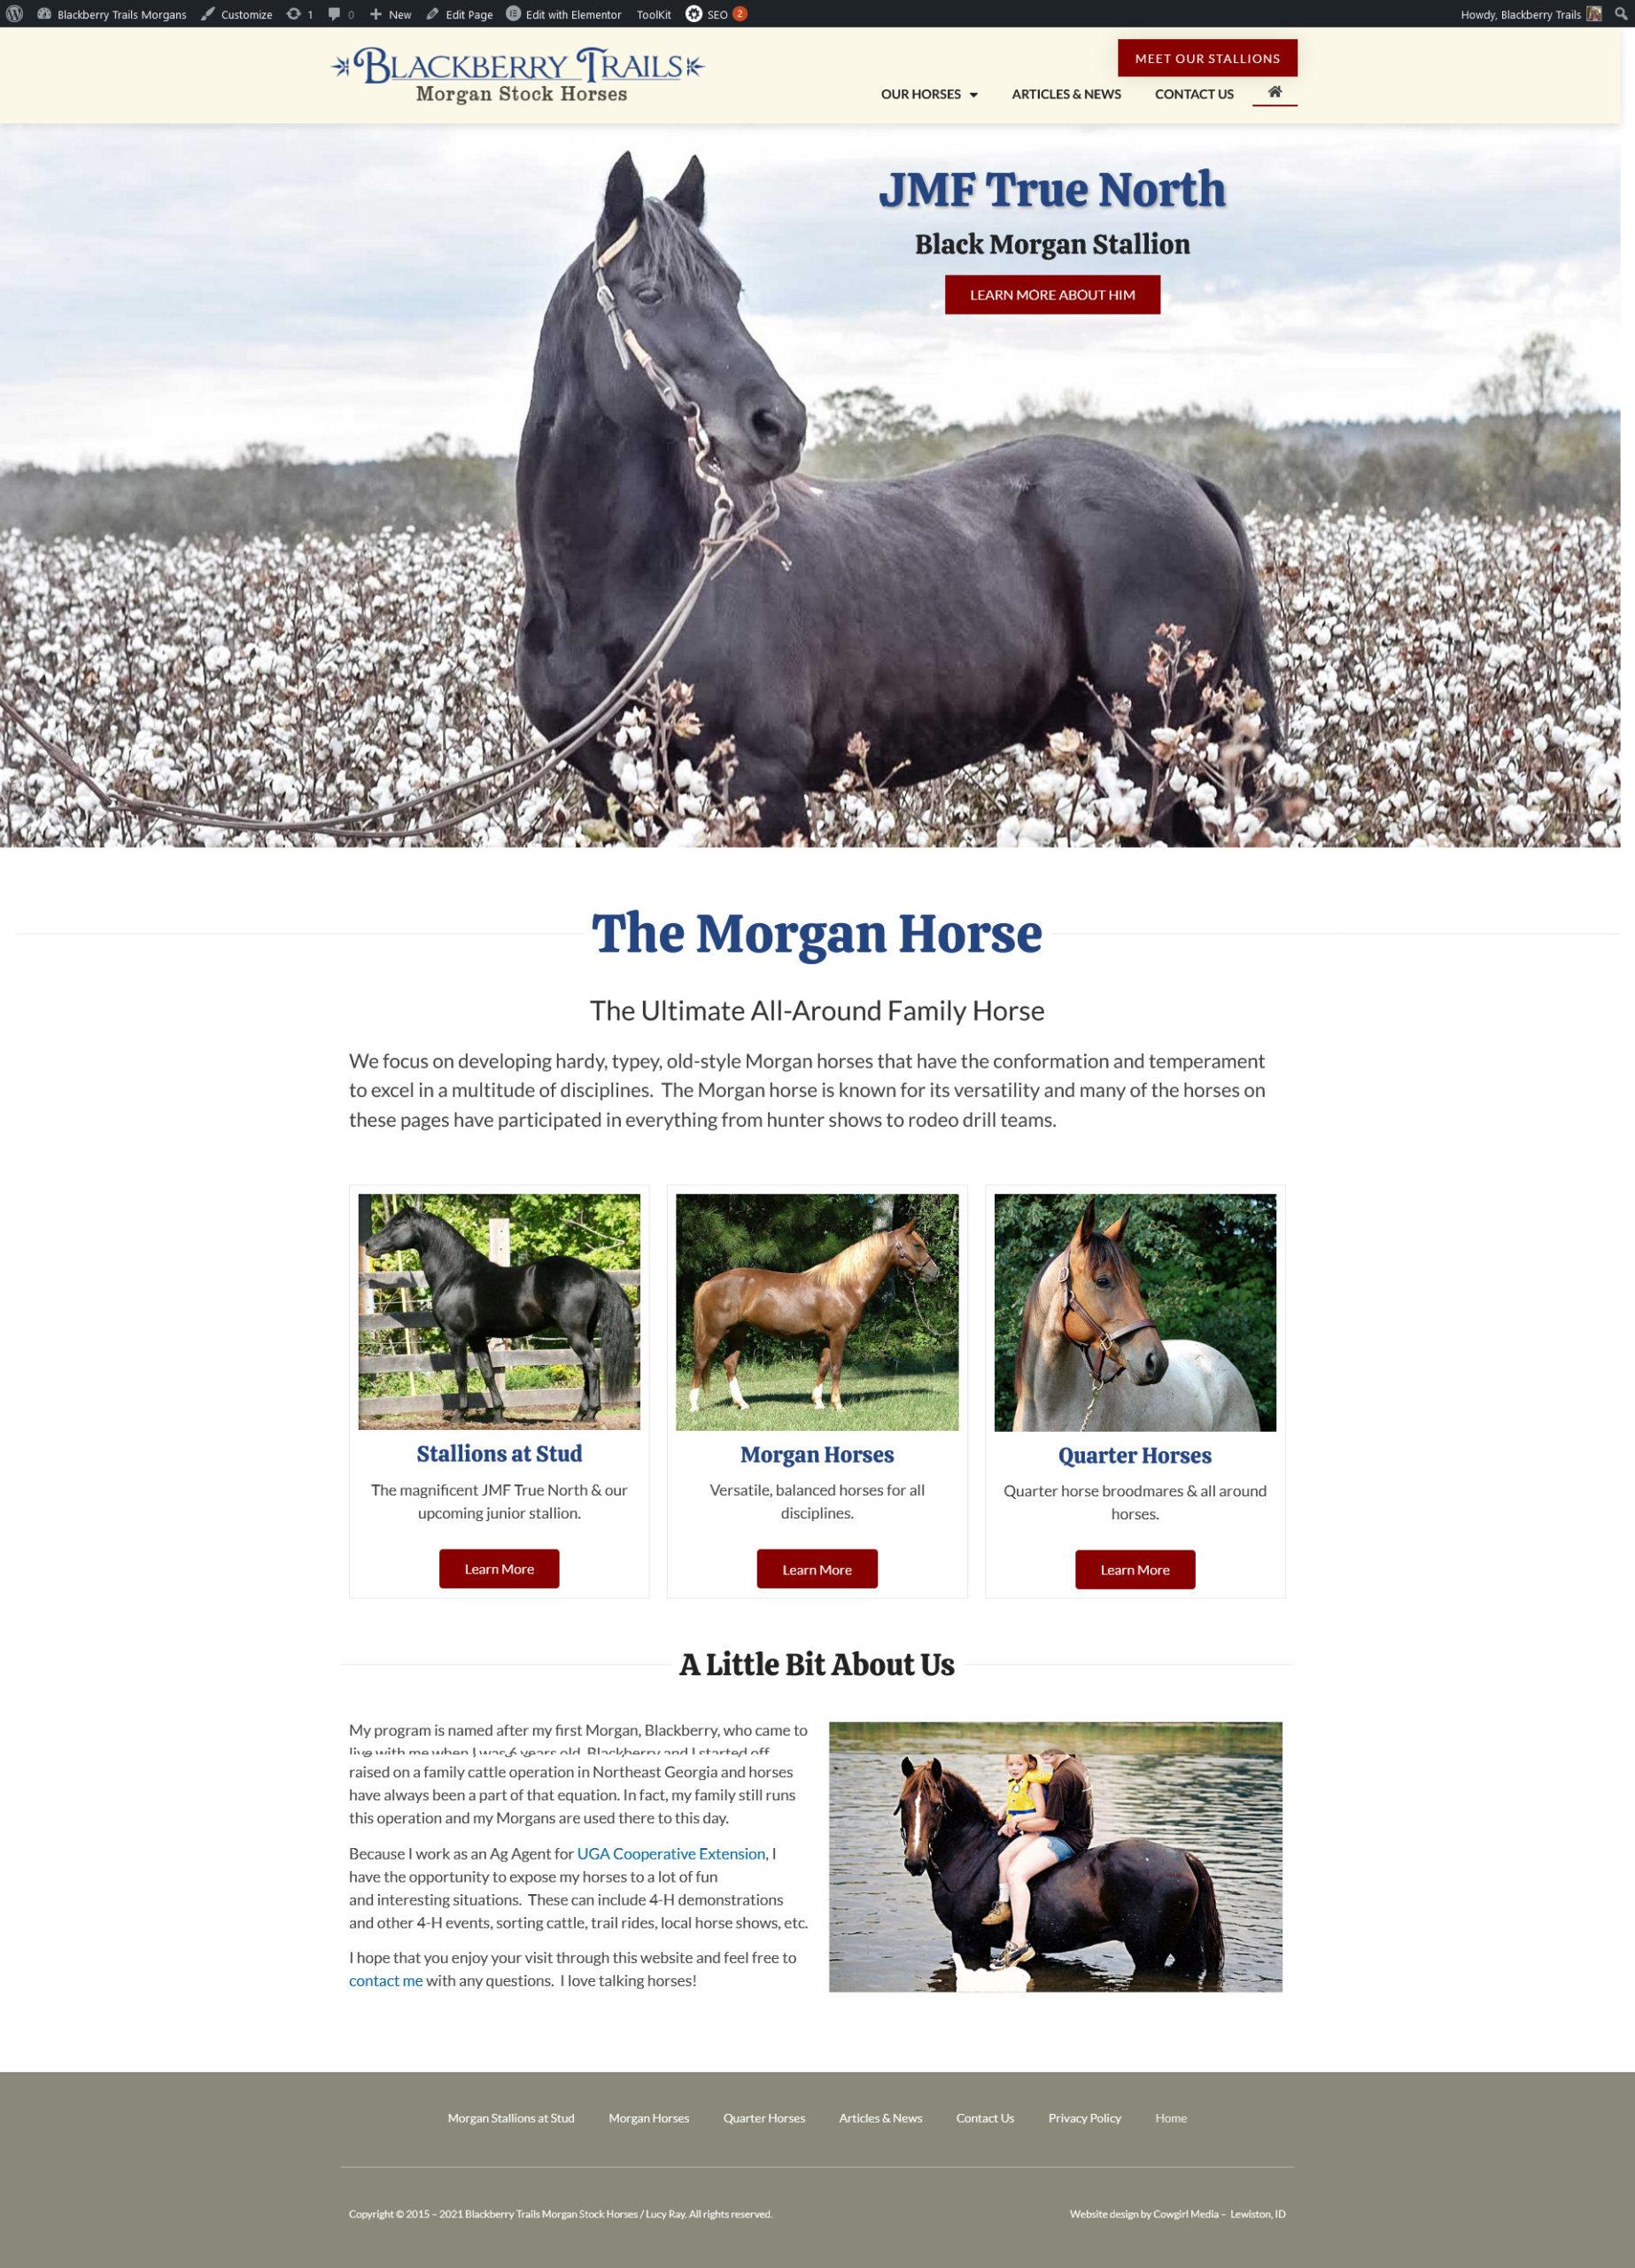 Blackberry Trails Morgan Horses screenshot